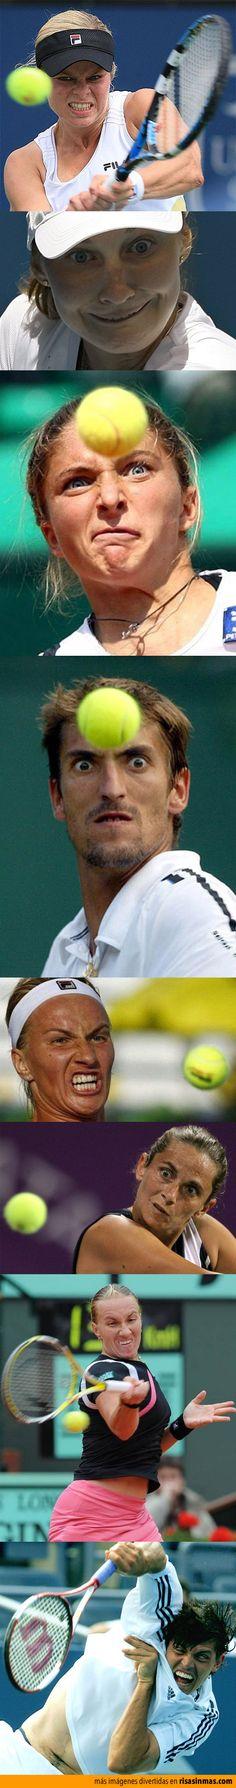 Caras de tenis.